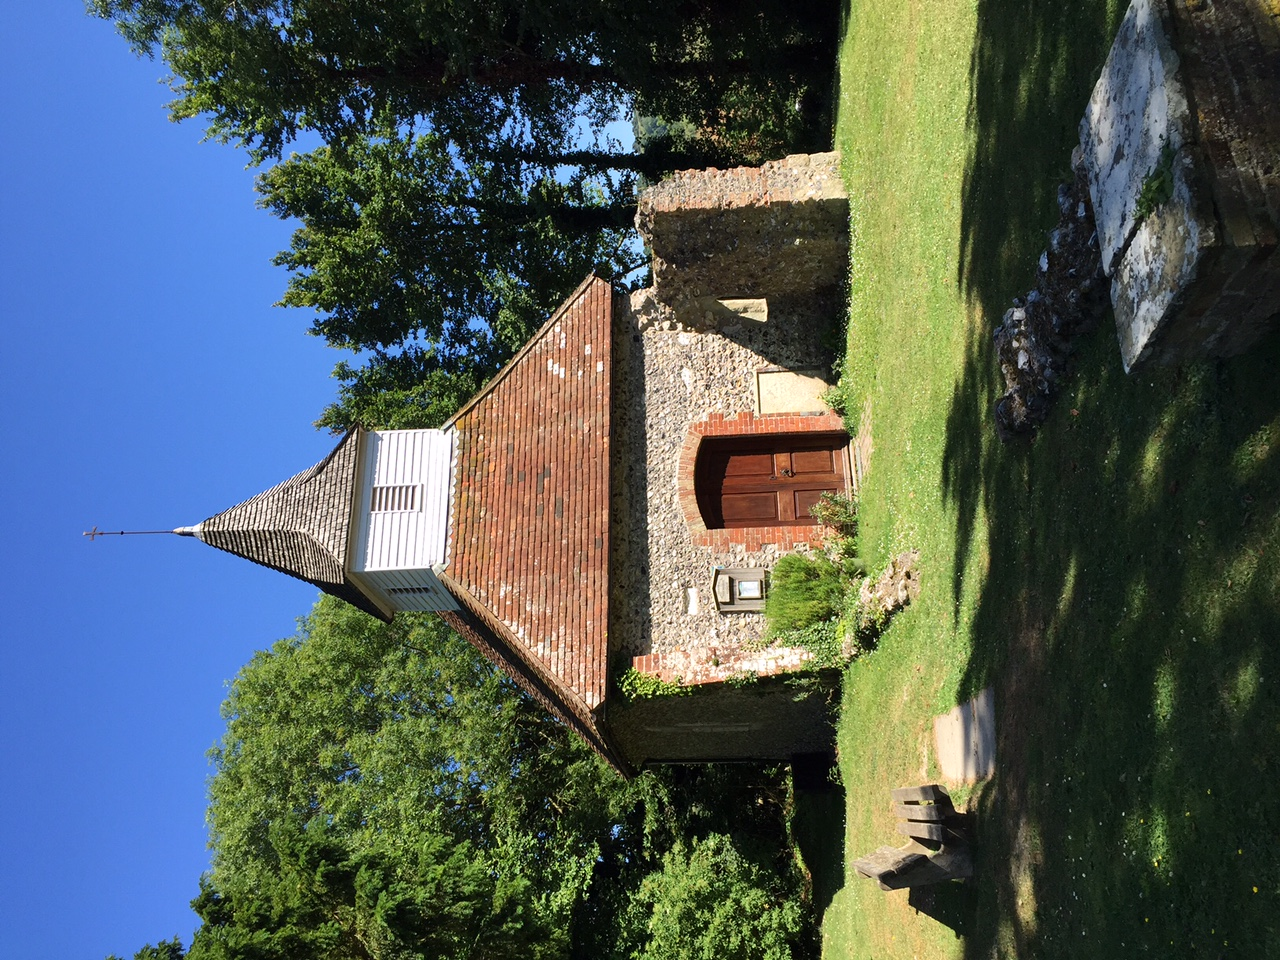 Lullington Church, the smallest church in England!